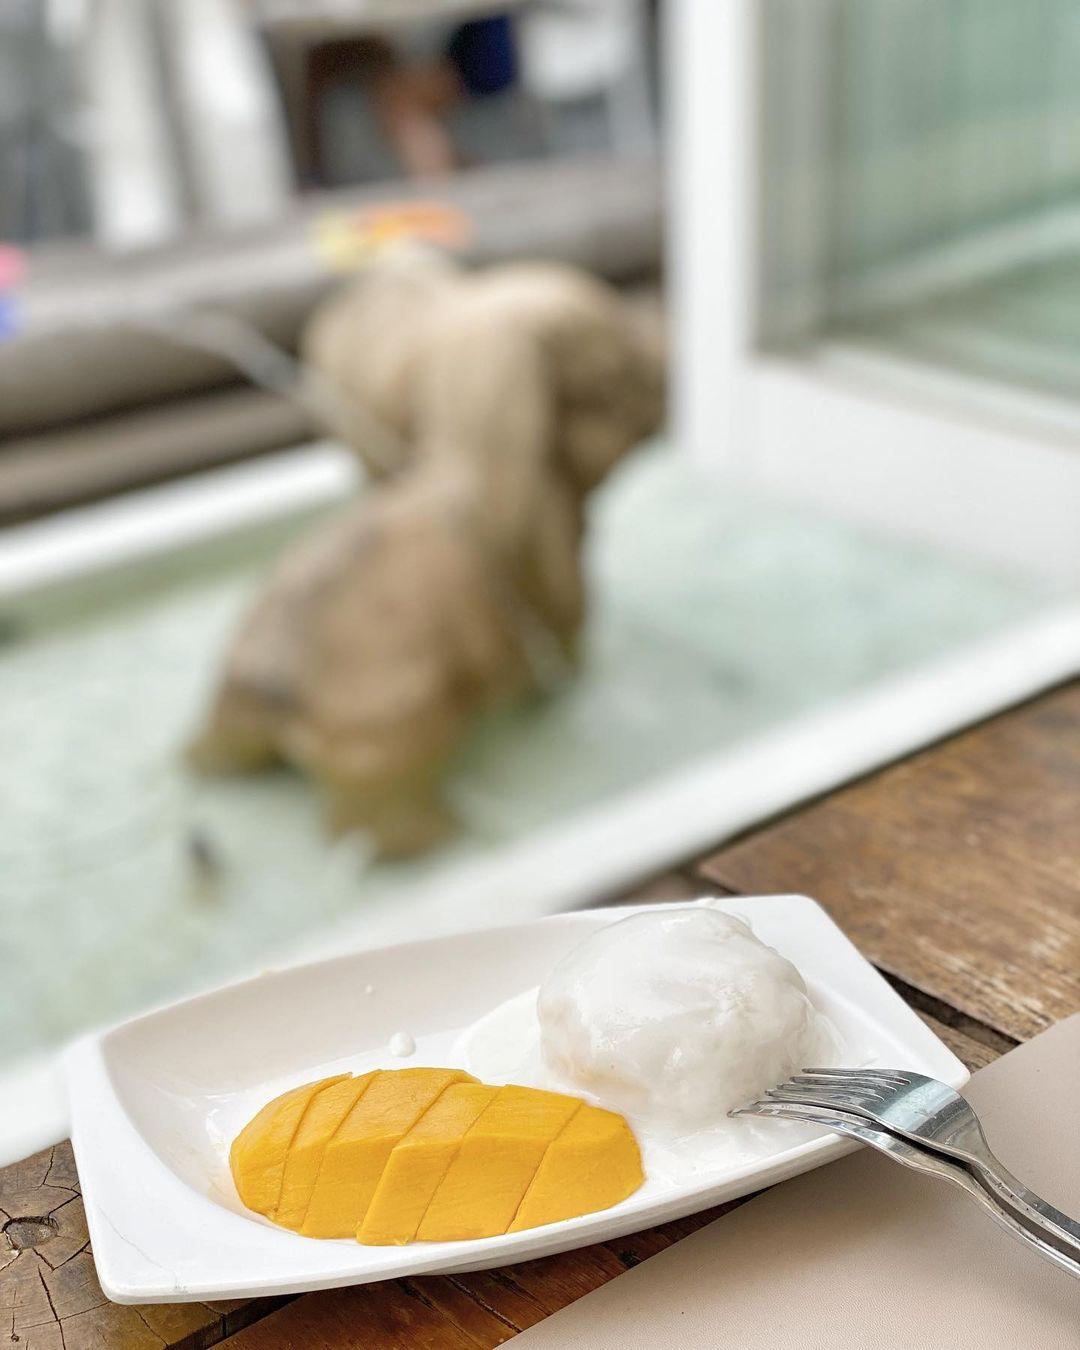 香甜的芒果糯米飯,飯後之選(圖片來源:IG@co.ff.ee.food.life)